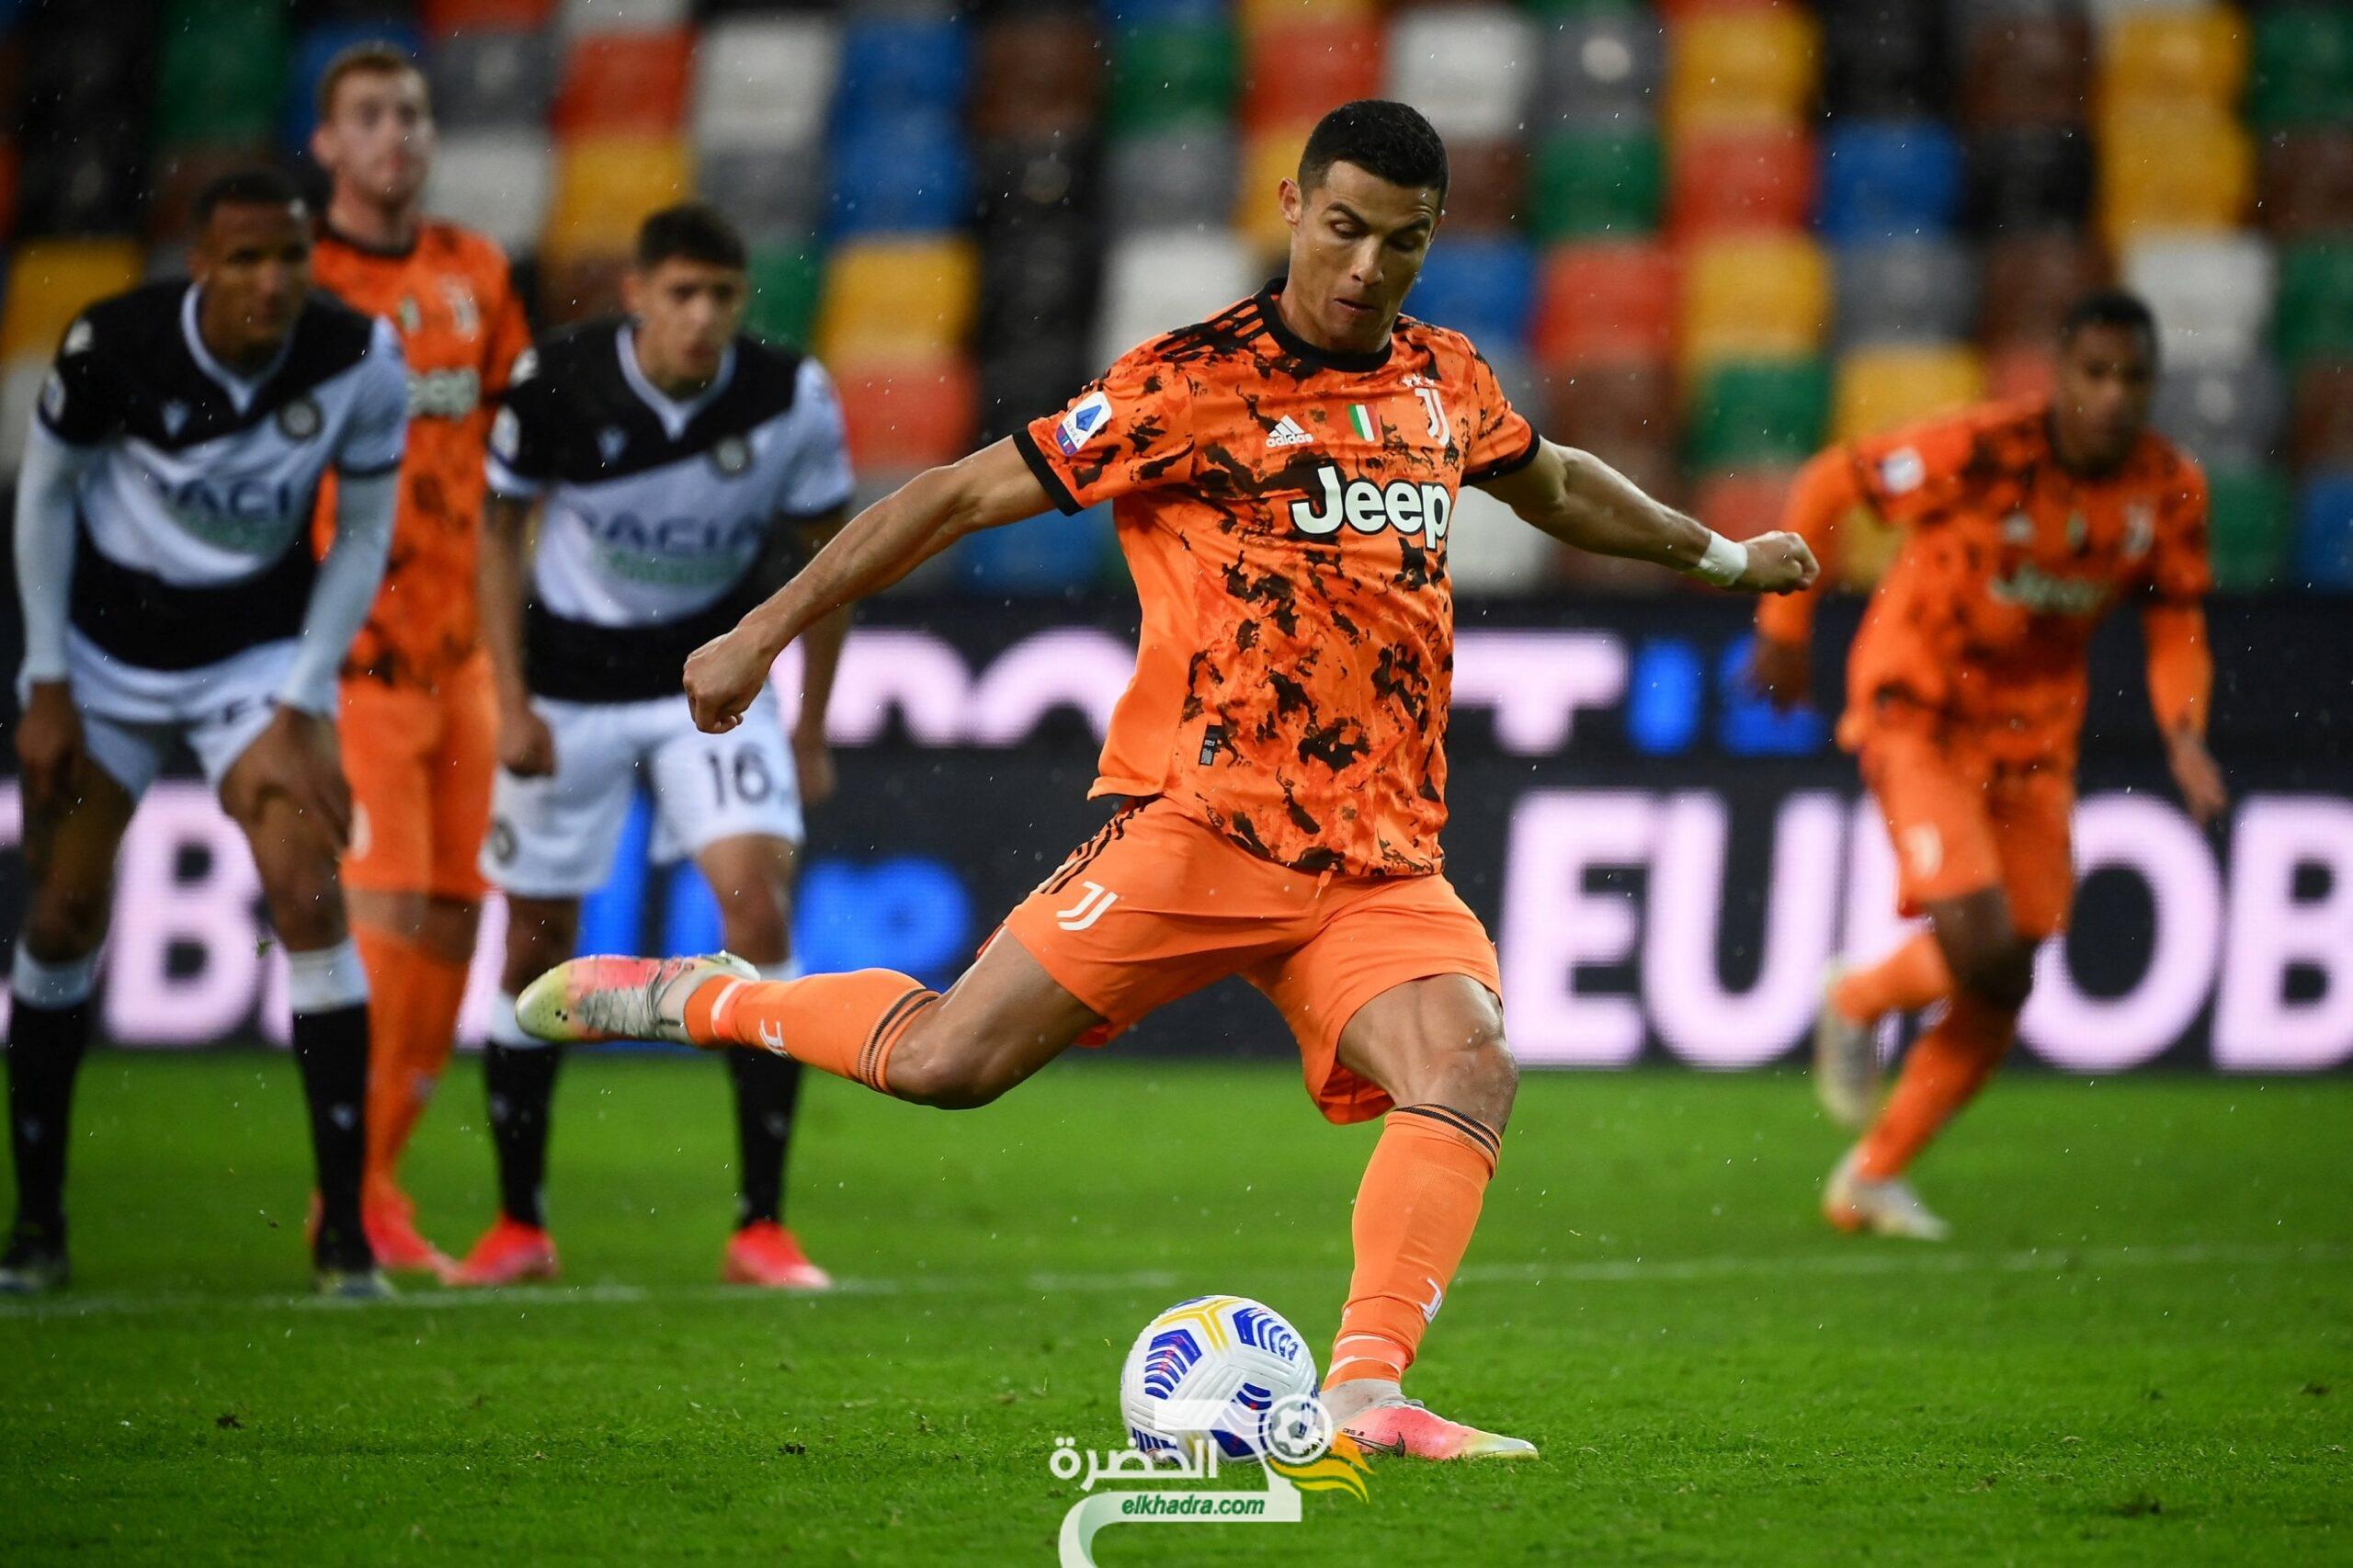 رونالدو يقود يوفنتوس إلى المركز الثالث في ترتيب الدوري الإيطالي 26